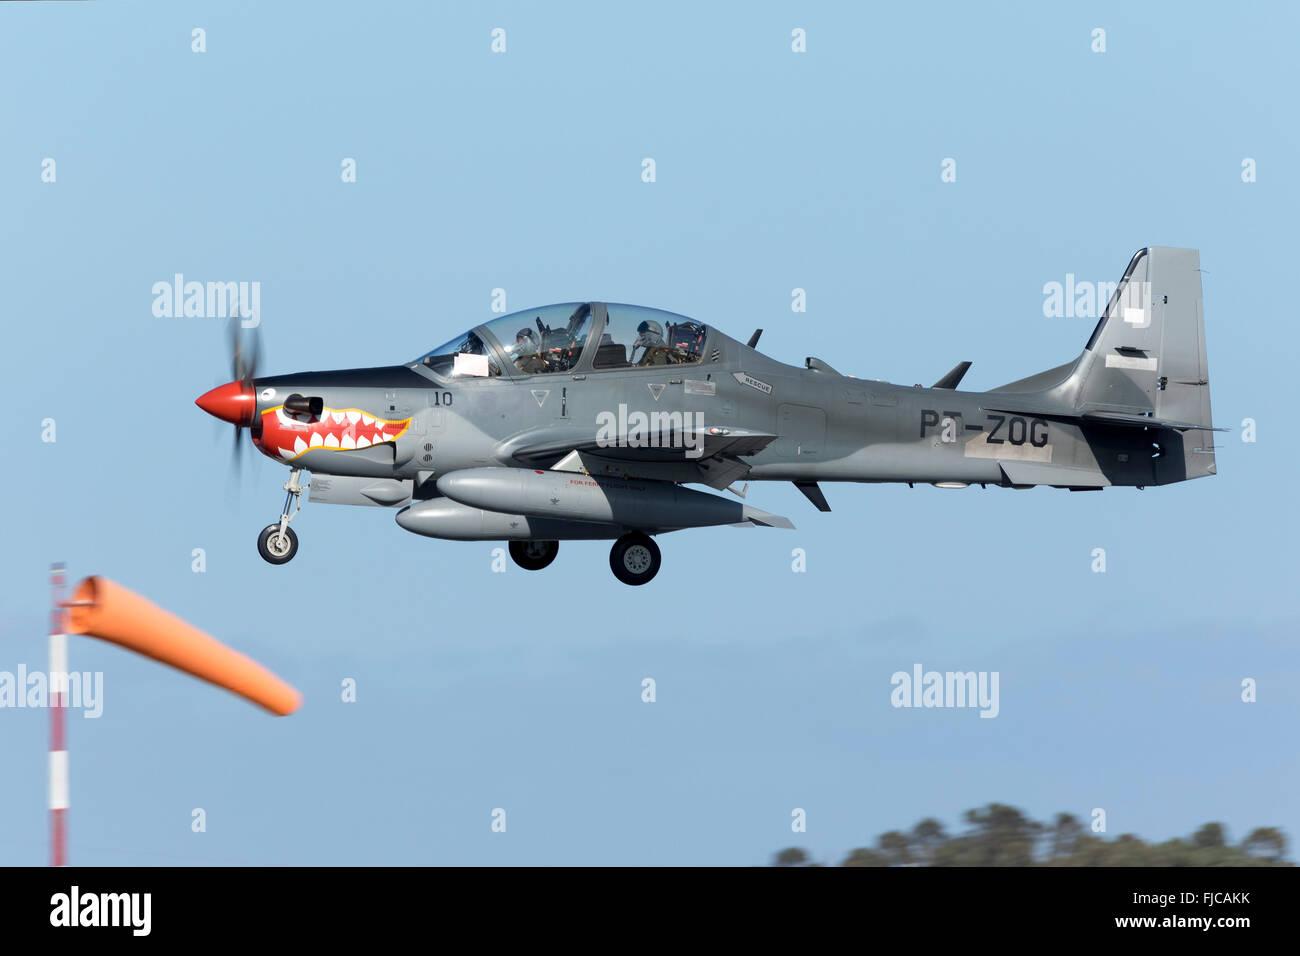 Indonesische Luftwaffe Embraer EMB 314 Super Tucano Landung in Malta auf  einem technischen Halt, auf Überführungsflug aus Brasilien angereist  Stockfotografie - Alamy